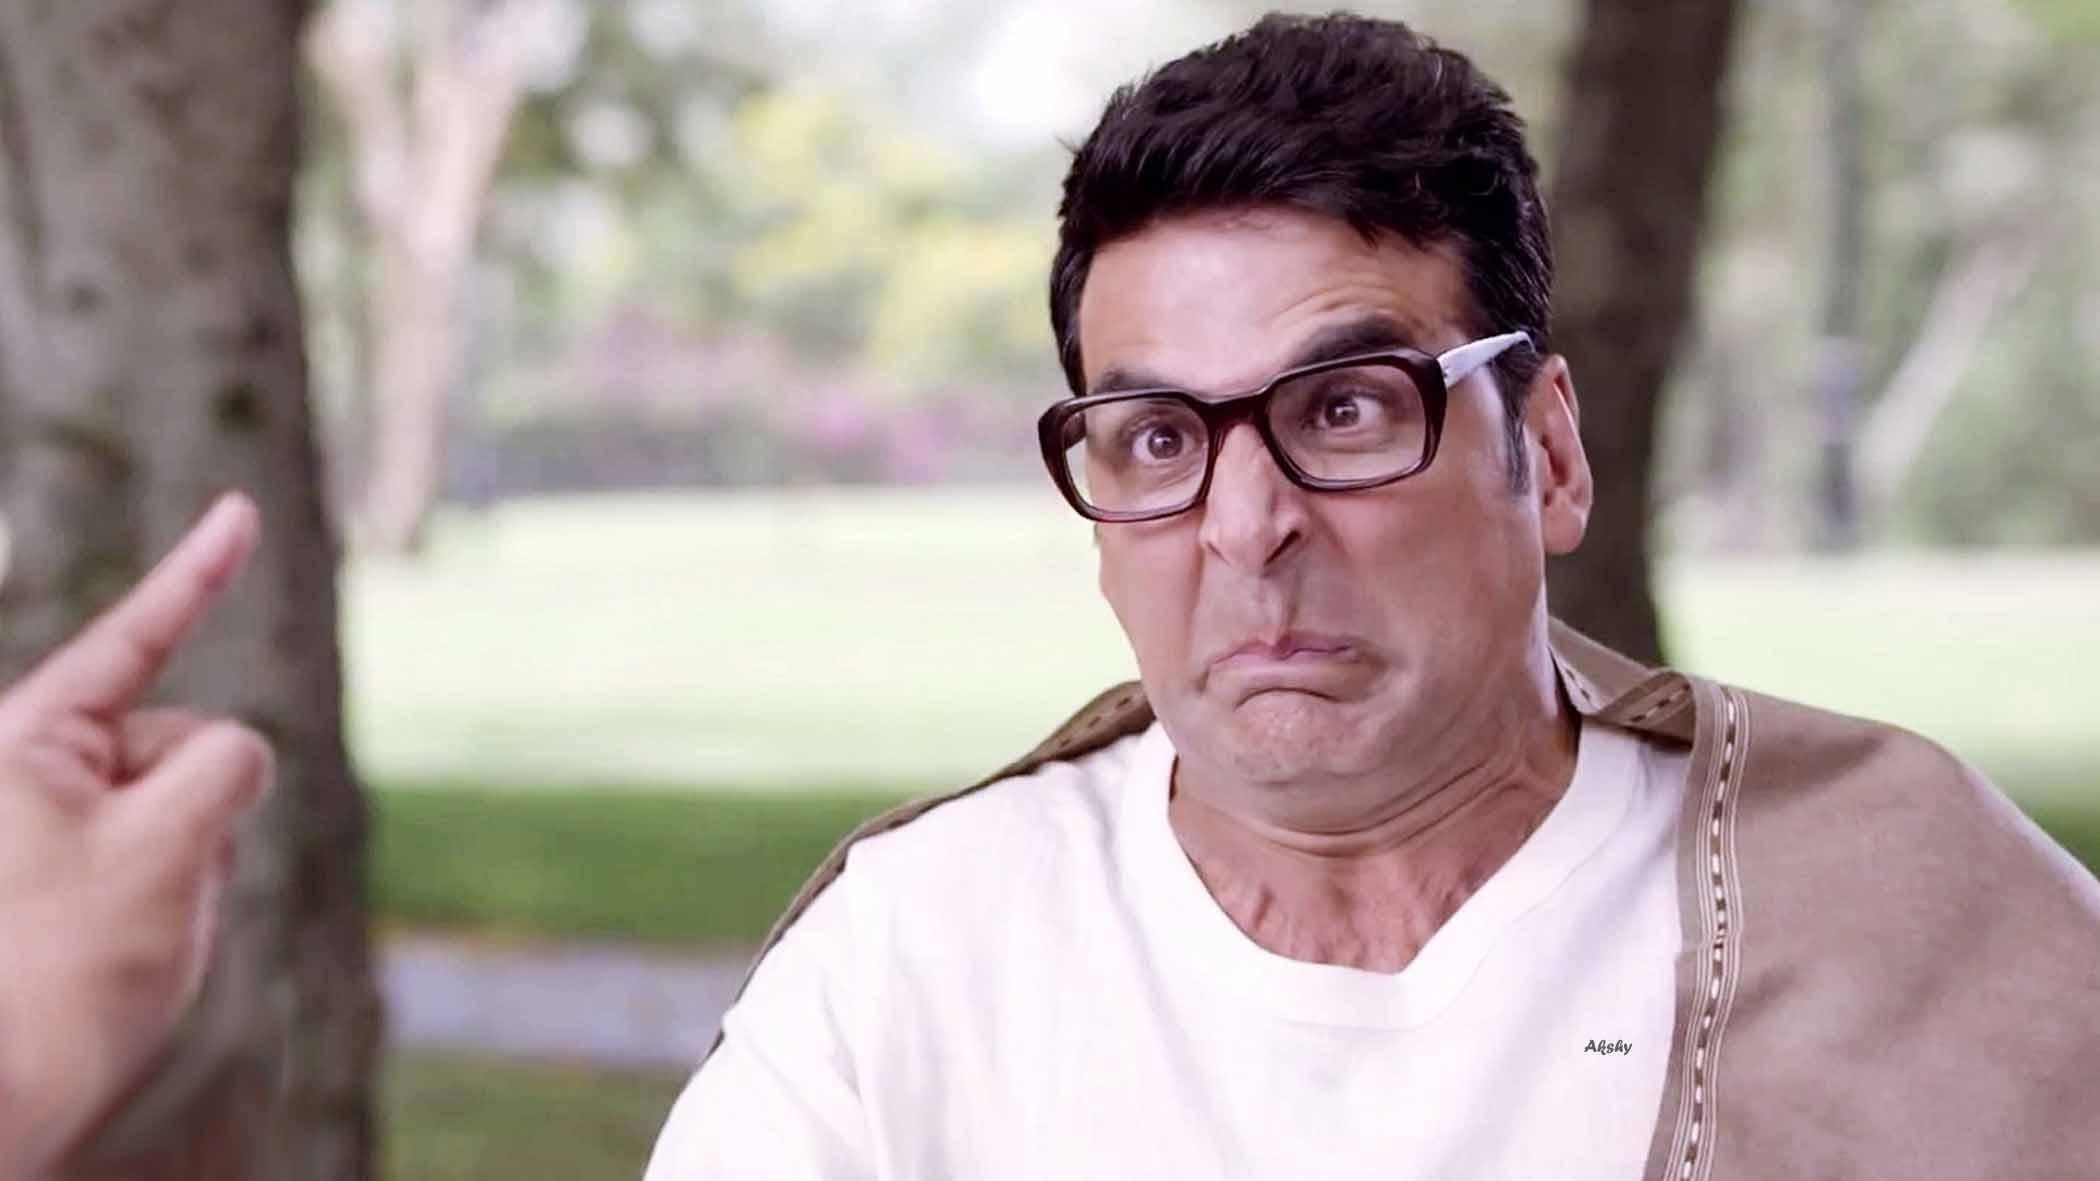 Akshay Kumar Funny Face